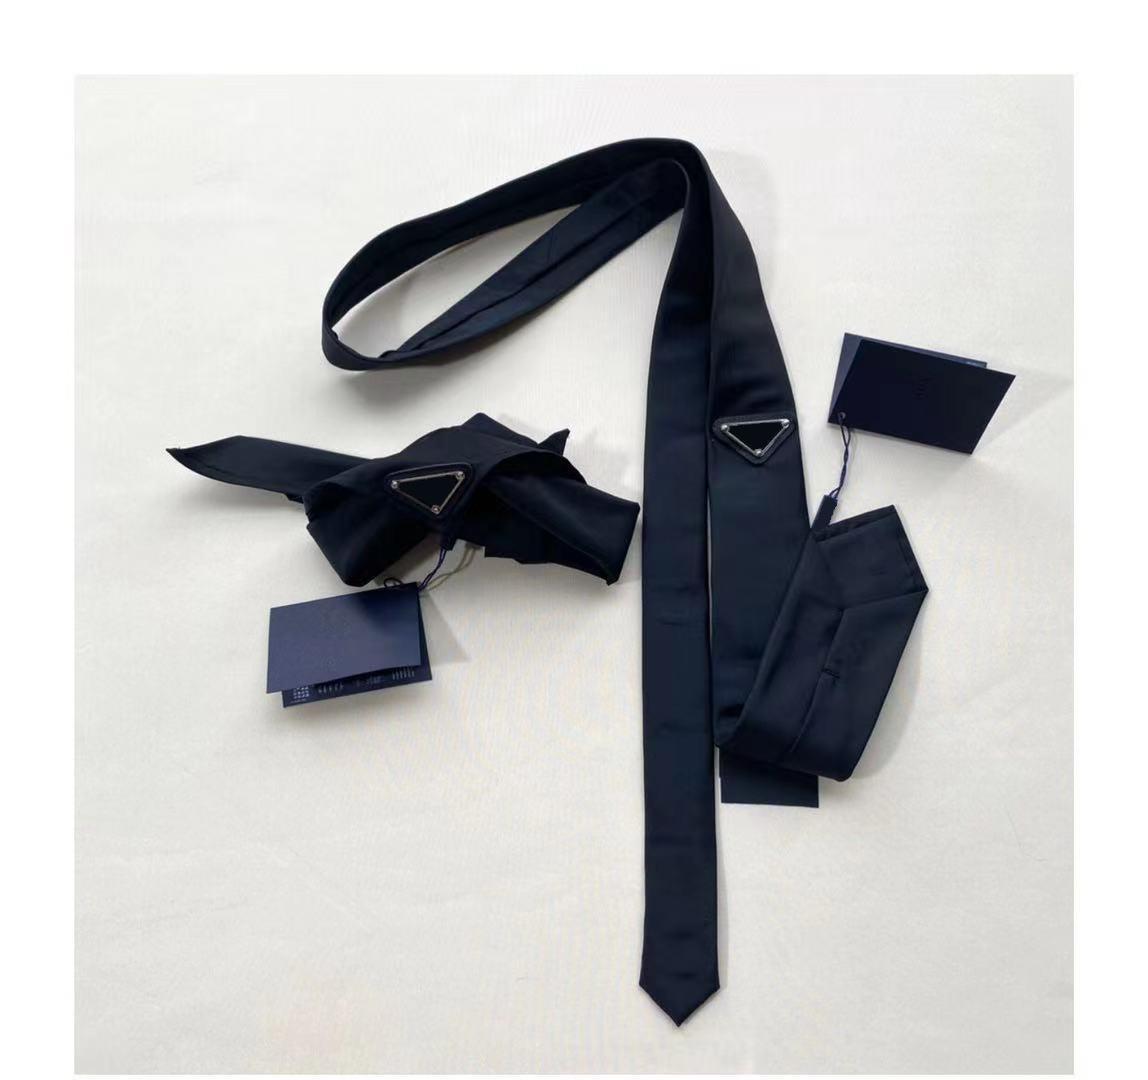 2021 للجنسين رجالي وشاح الكلاسيكية الفاخرة ربطة العنق الرجال معصمه الهيب هوب خمسة أشار ستار التطريز مثلث شارة معدنية وشاح الثلاثي